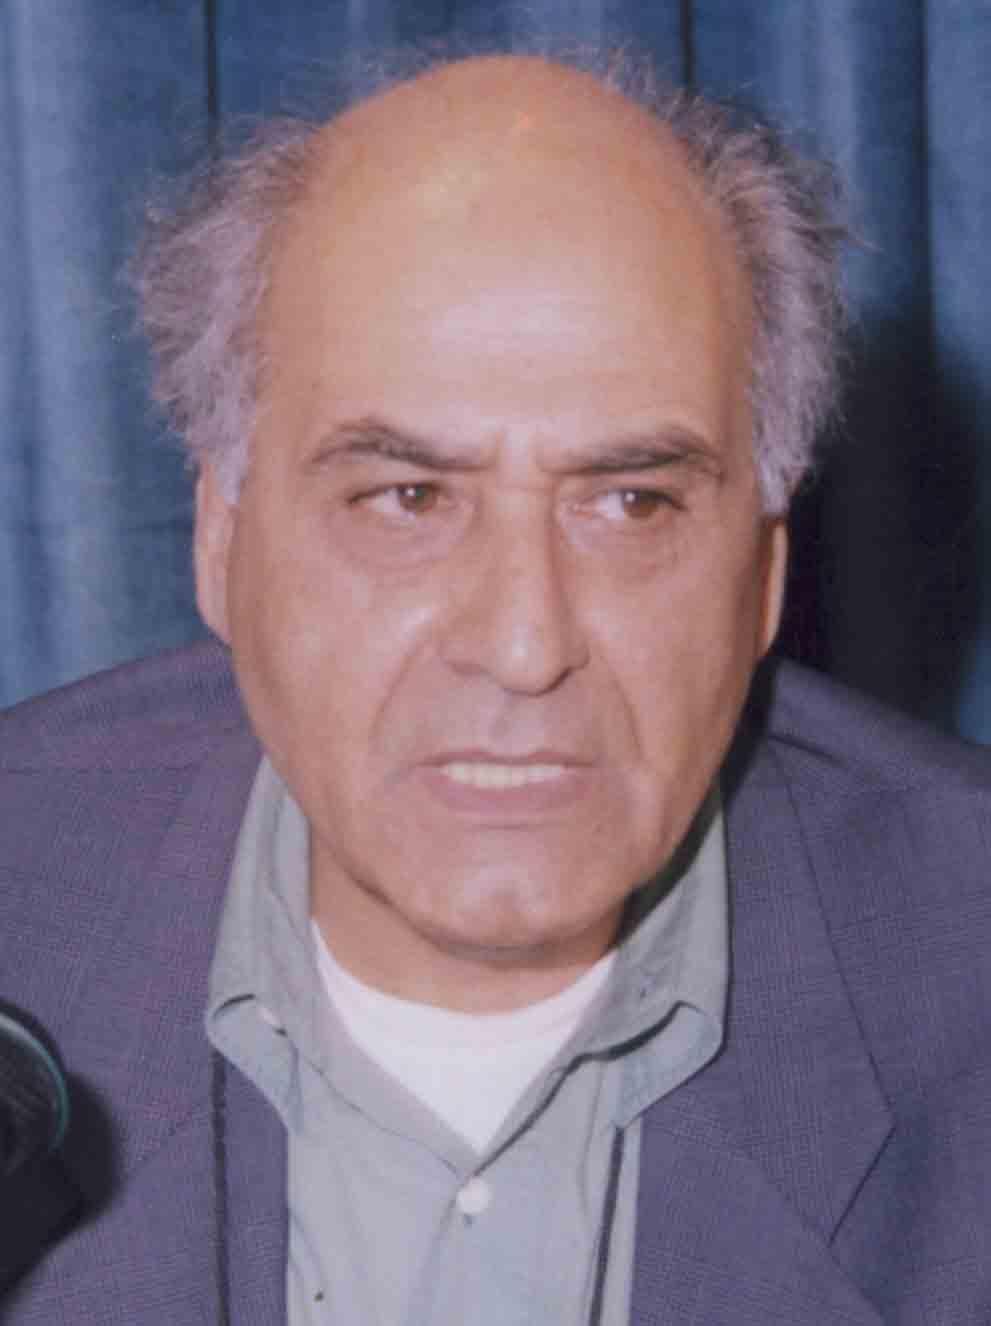 سعید ارباب شیرانی